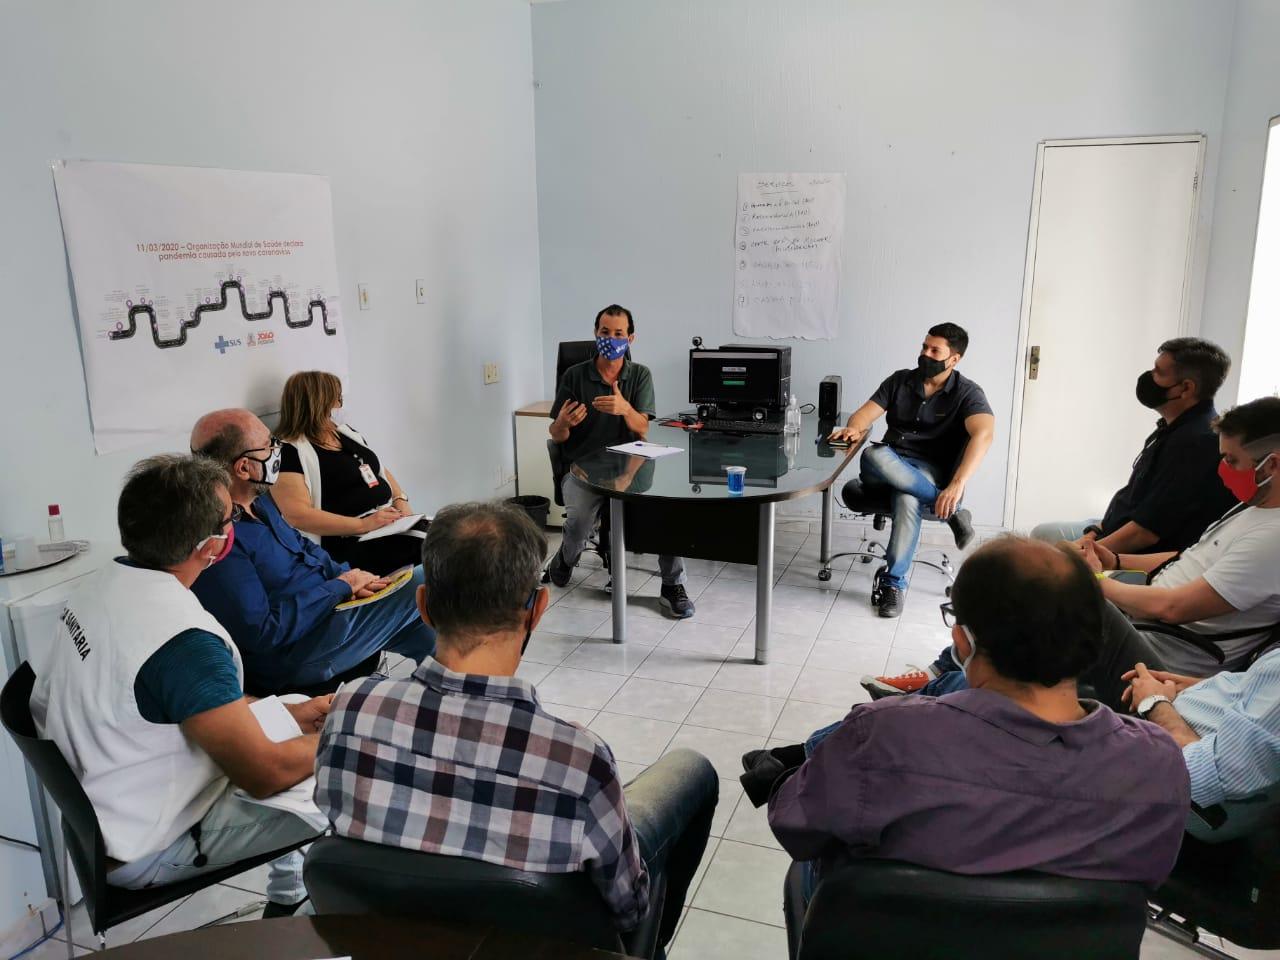 reuniao fulgencio - SETOR DE EVENTOS EM JP: após crescimento de covid-19 no estado, Prefeitura adia flexibilização